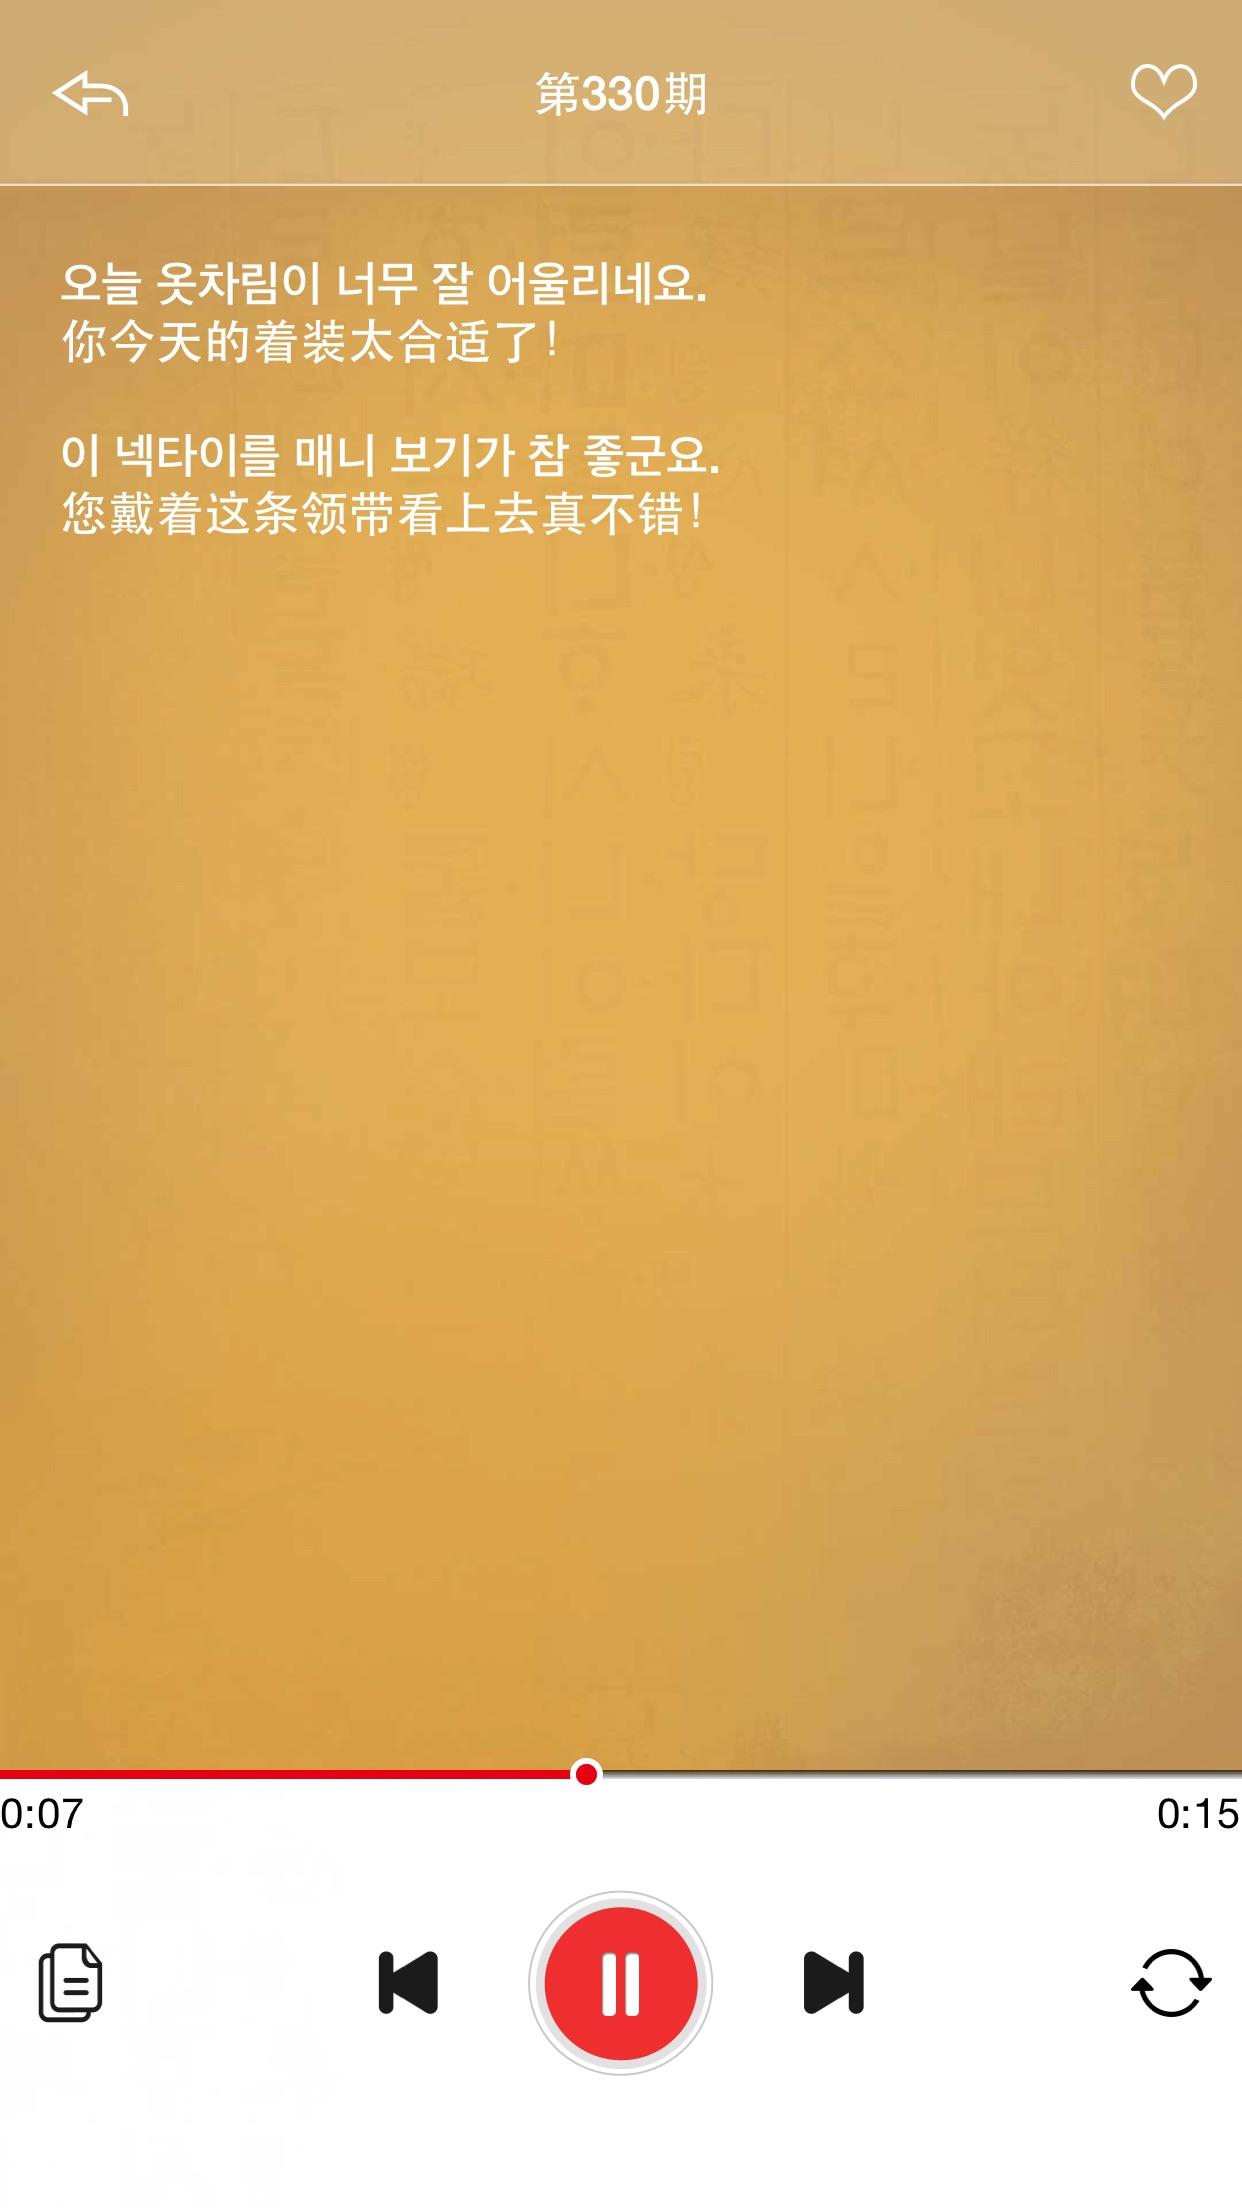 边听边学常用韩语会话 Screenshot